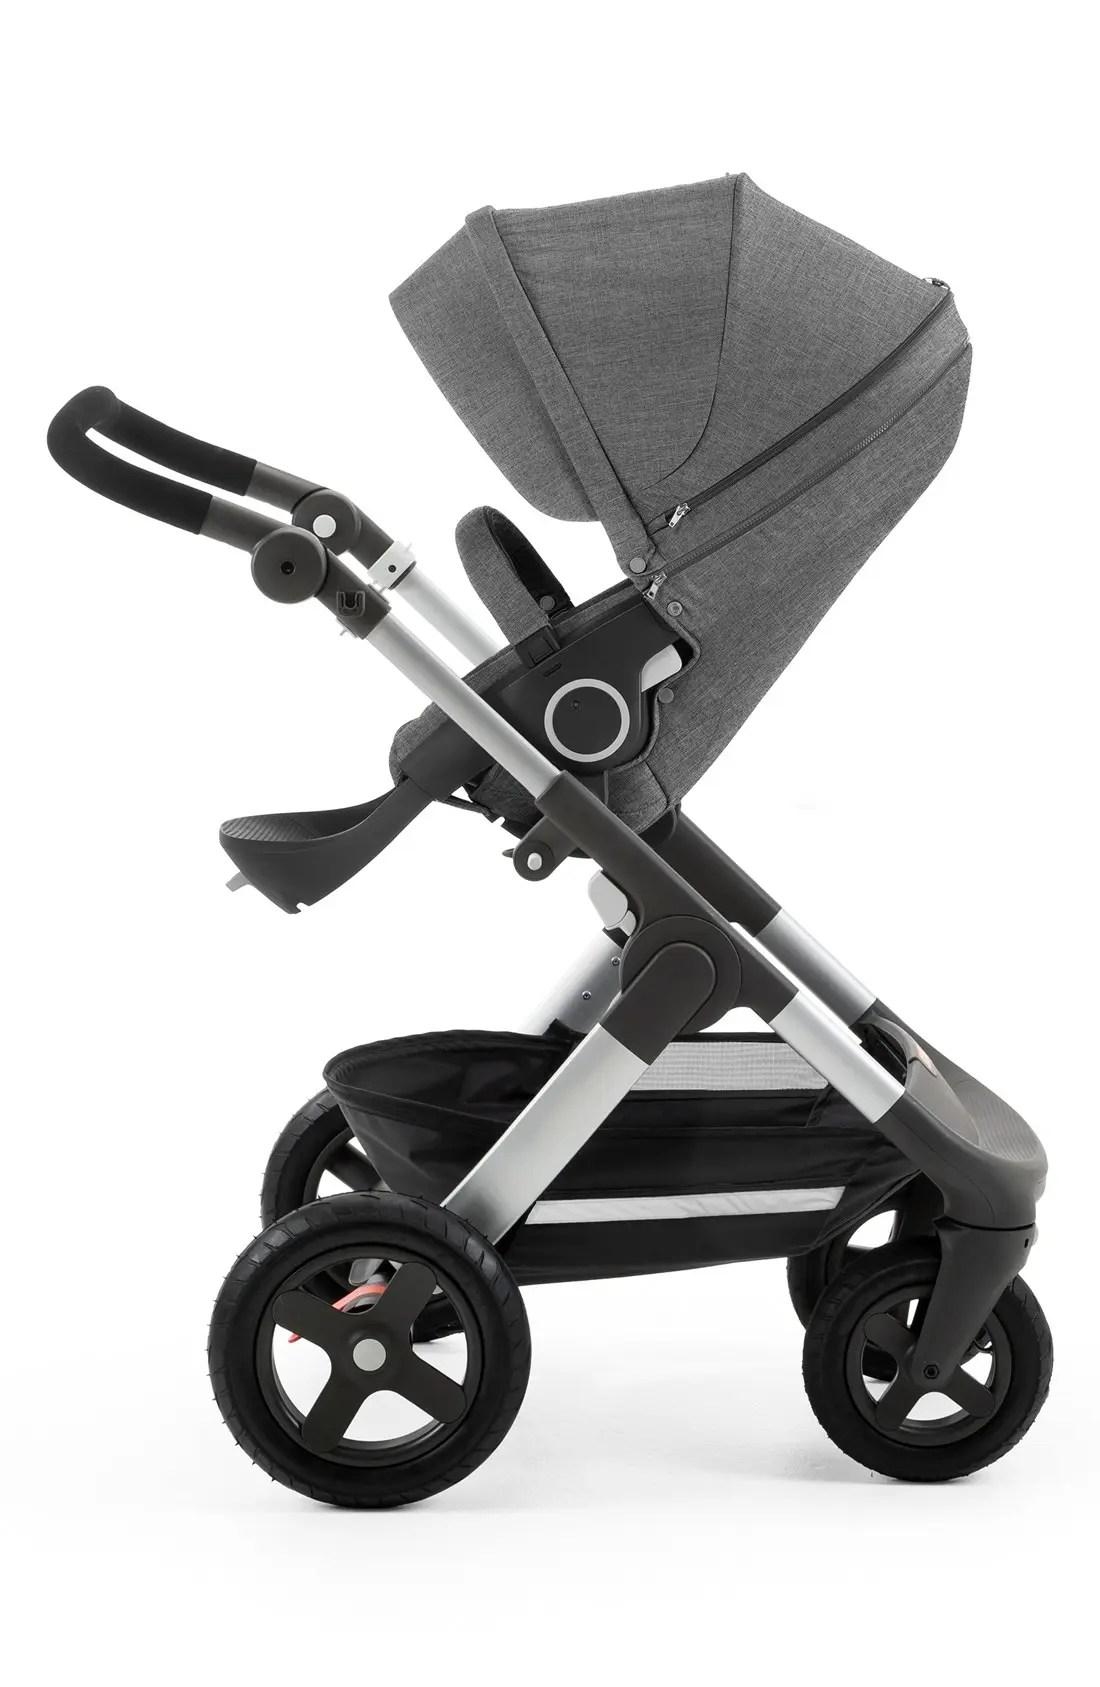 Main Image - Stokke 'Trailz™' All Terrain Stroller